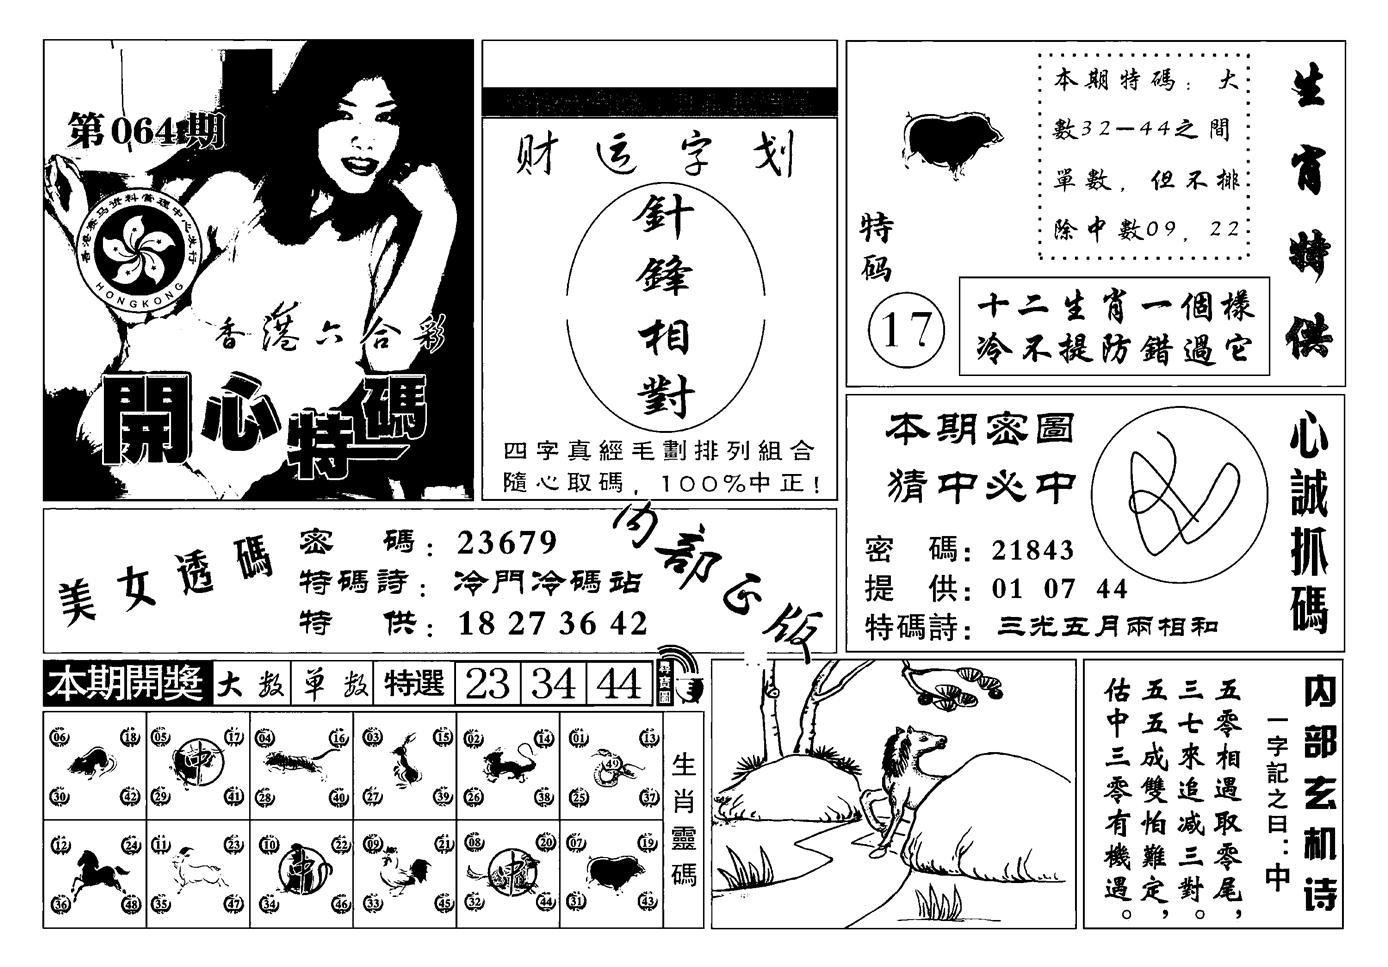 064期白姐猛料(黑白)